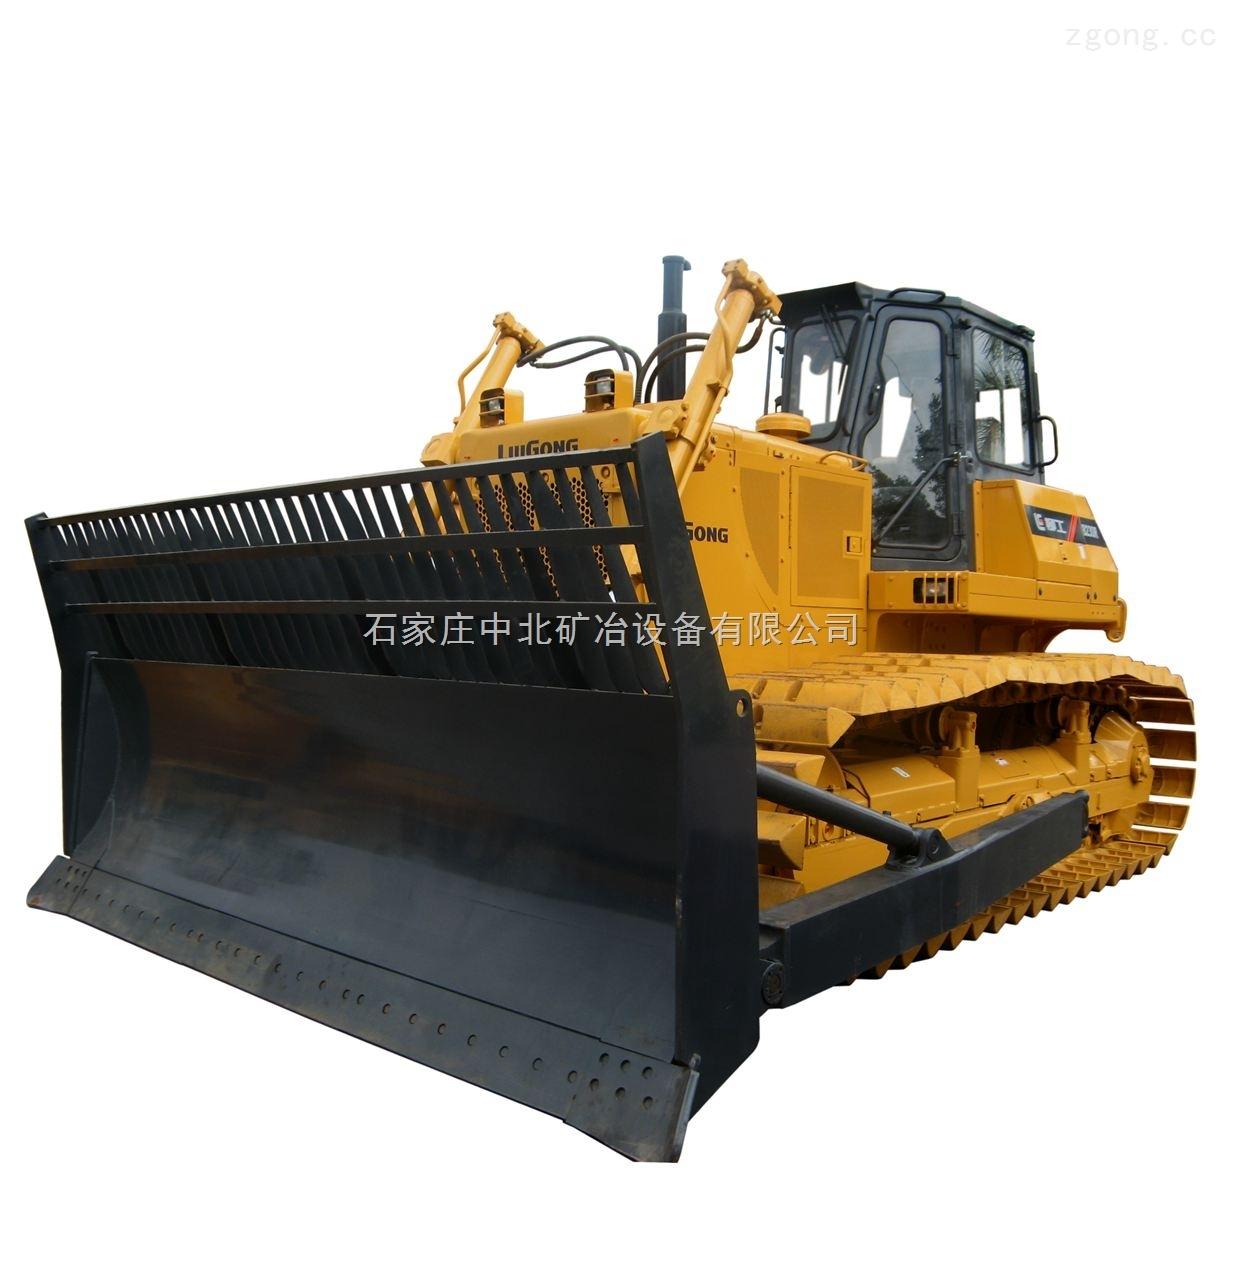 柳工B230R推土机配件